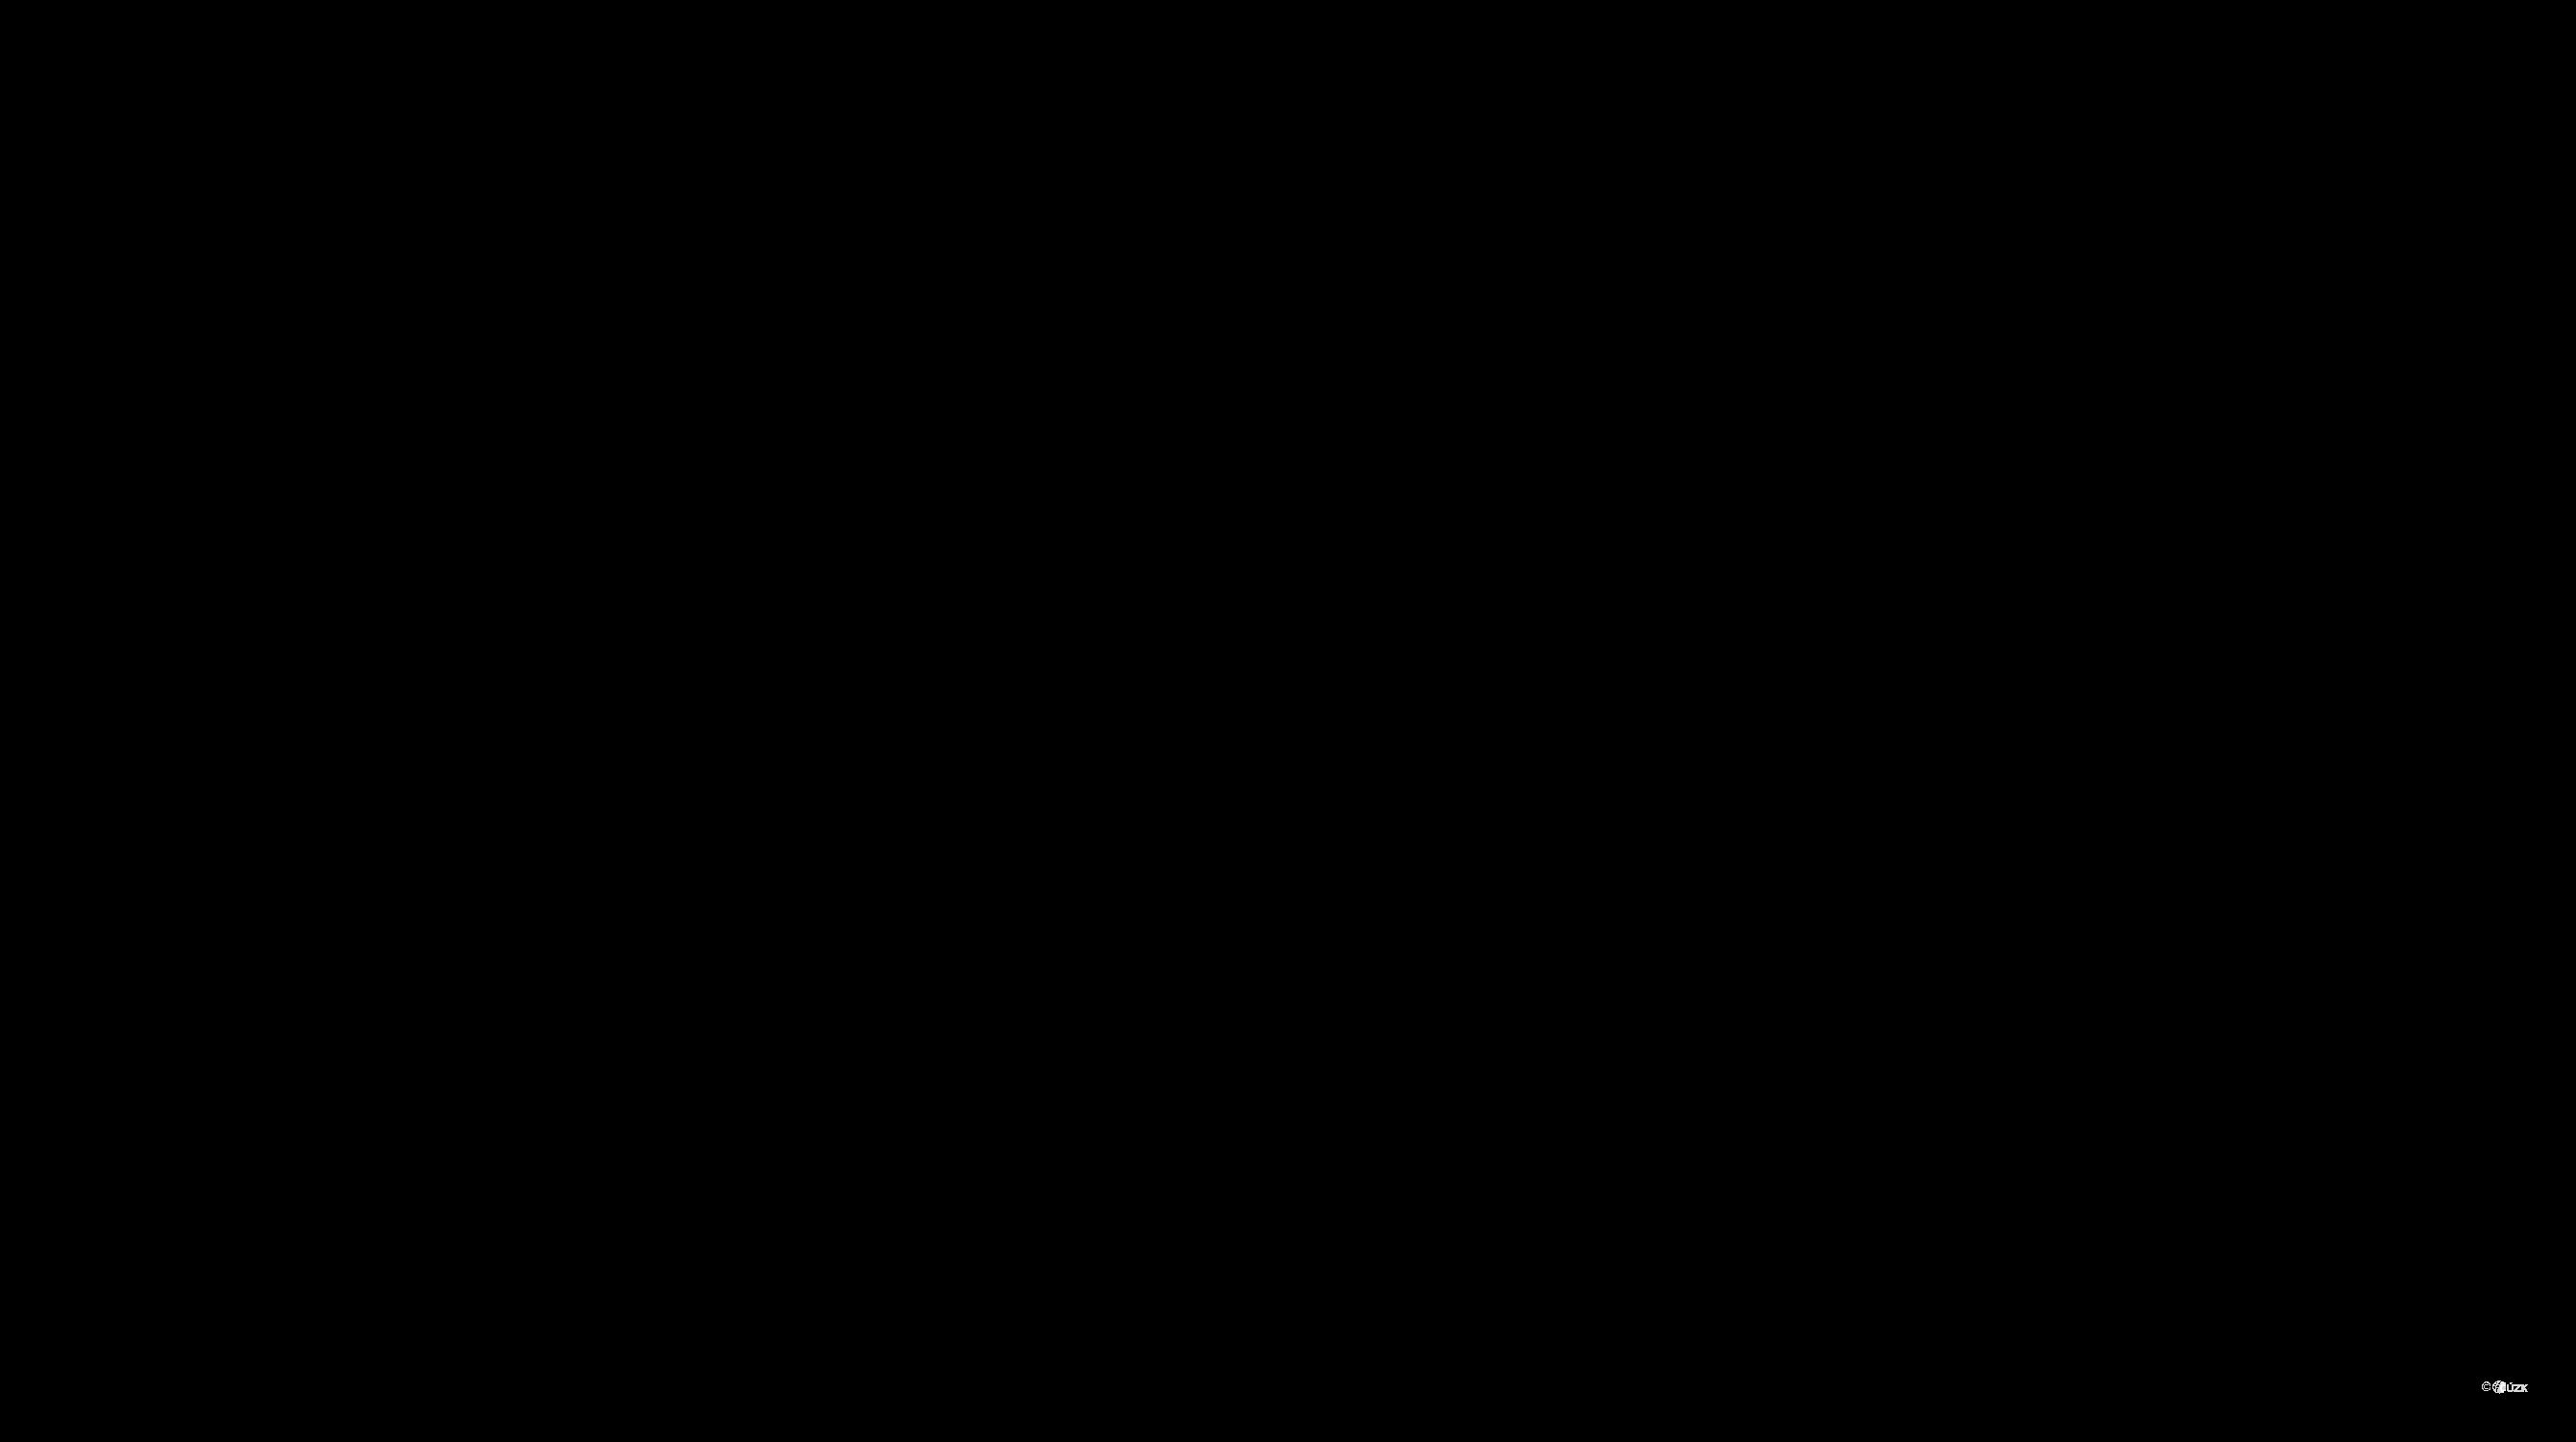 Katastrální mapa pozemků a čísla parcel Štědrá u Kynšperka nad Ohří